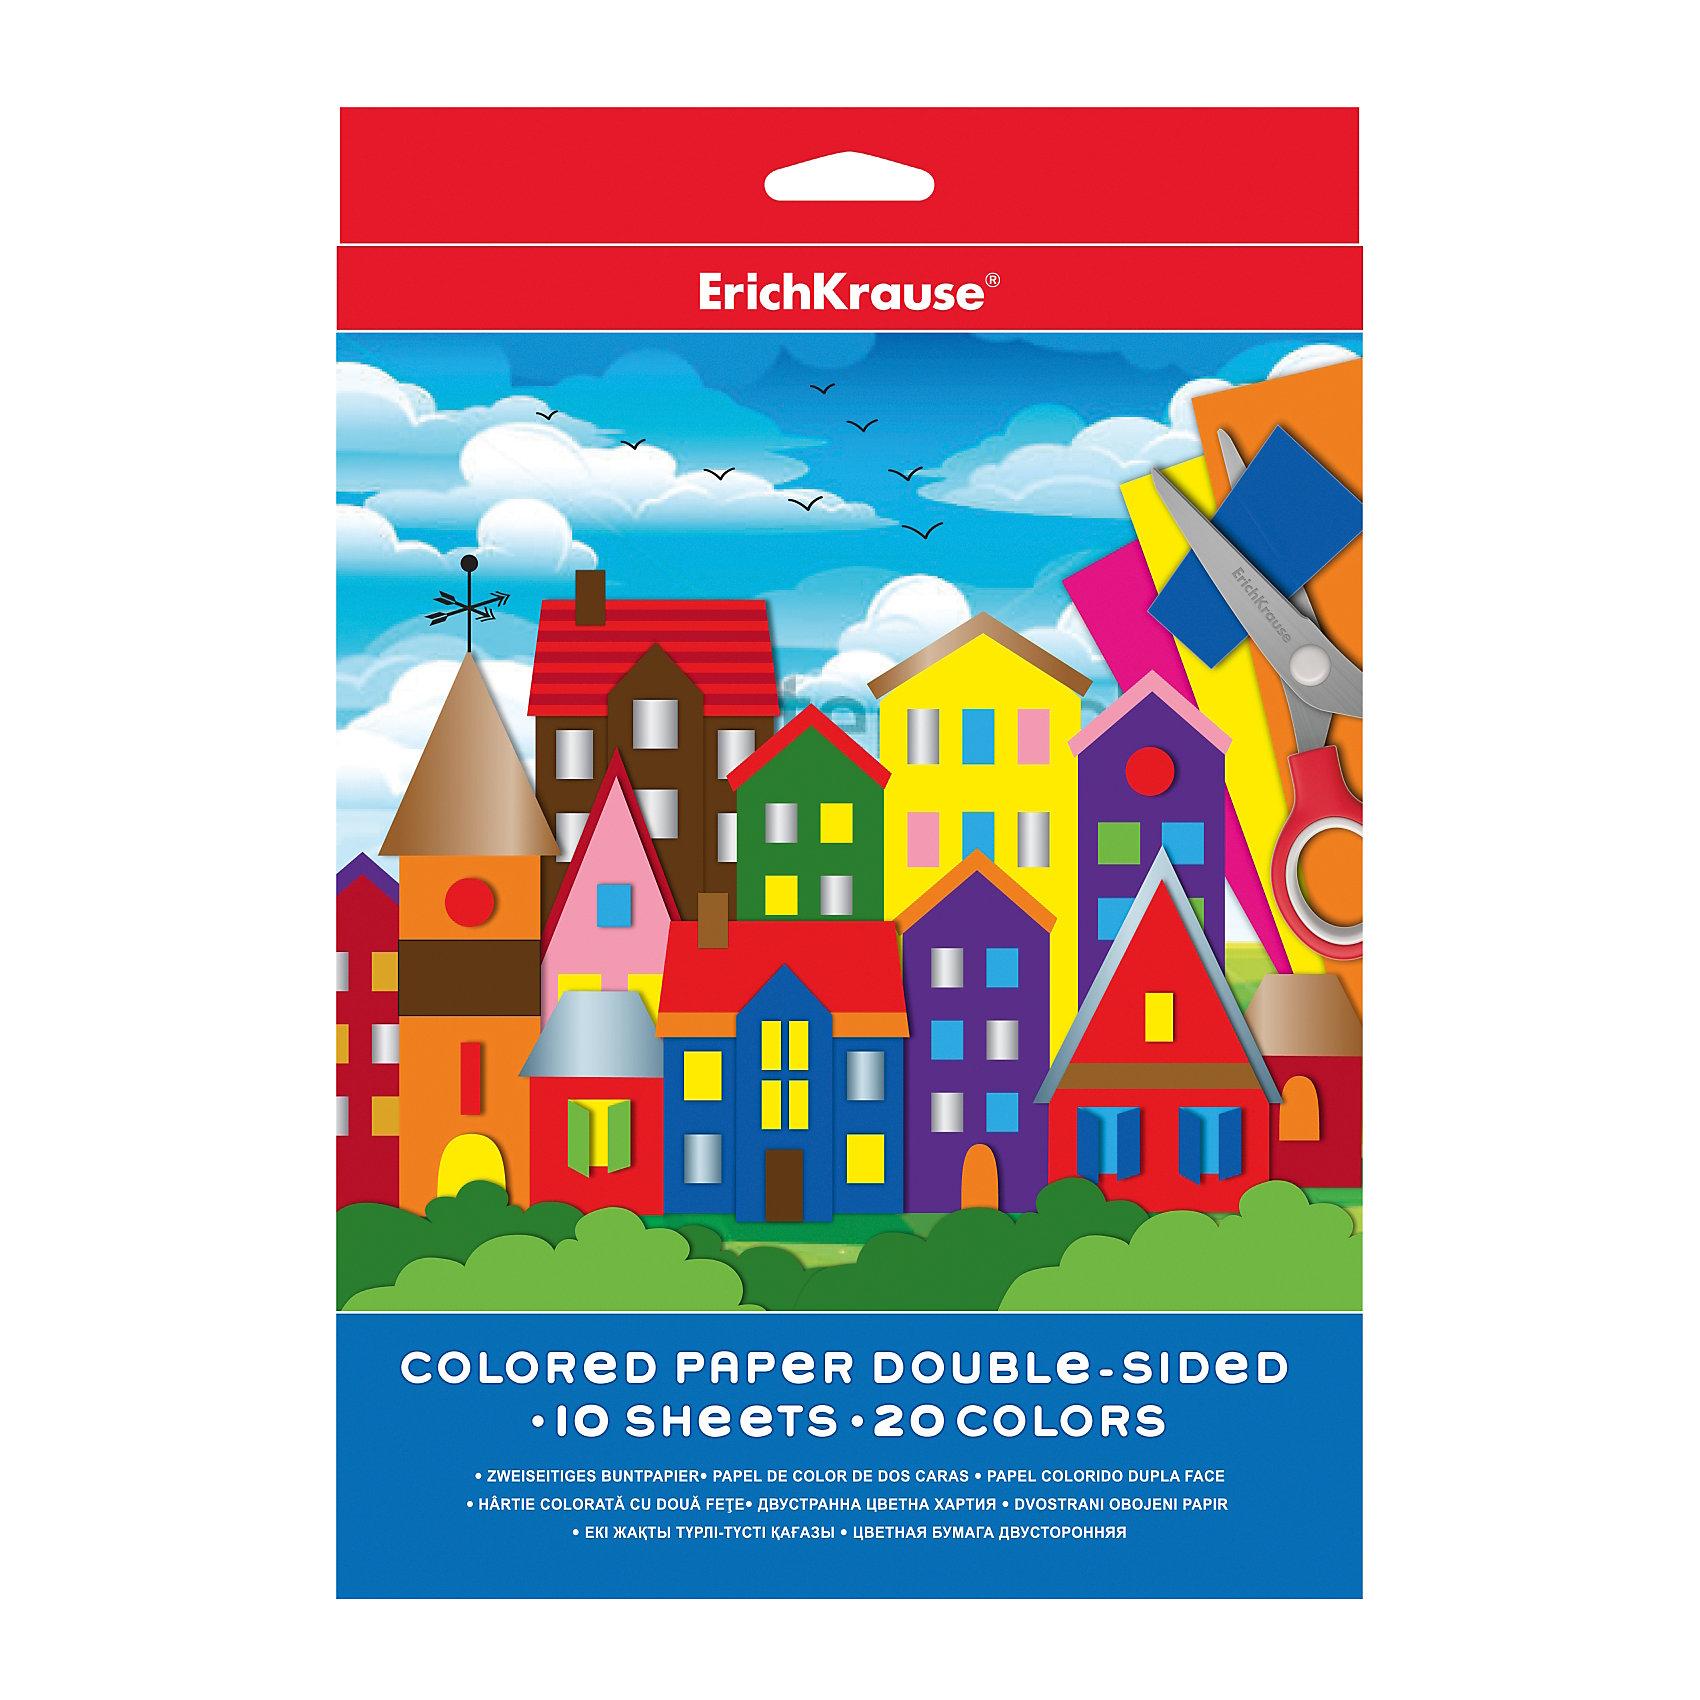 ErichKrause Двусторонняя цветная бумага А4 (10 листов, 20 цветов) бумага для пастели 20 листов а3 4 089